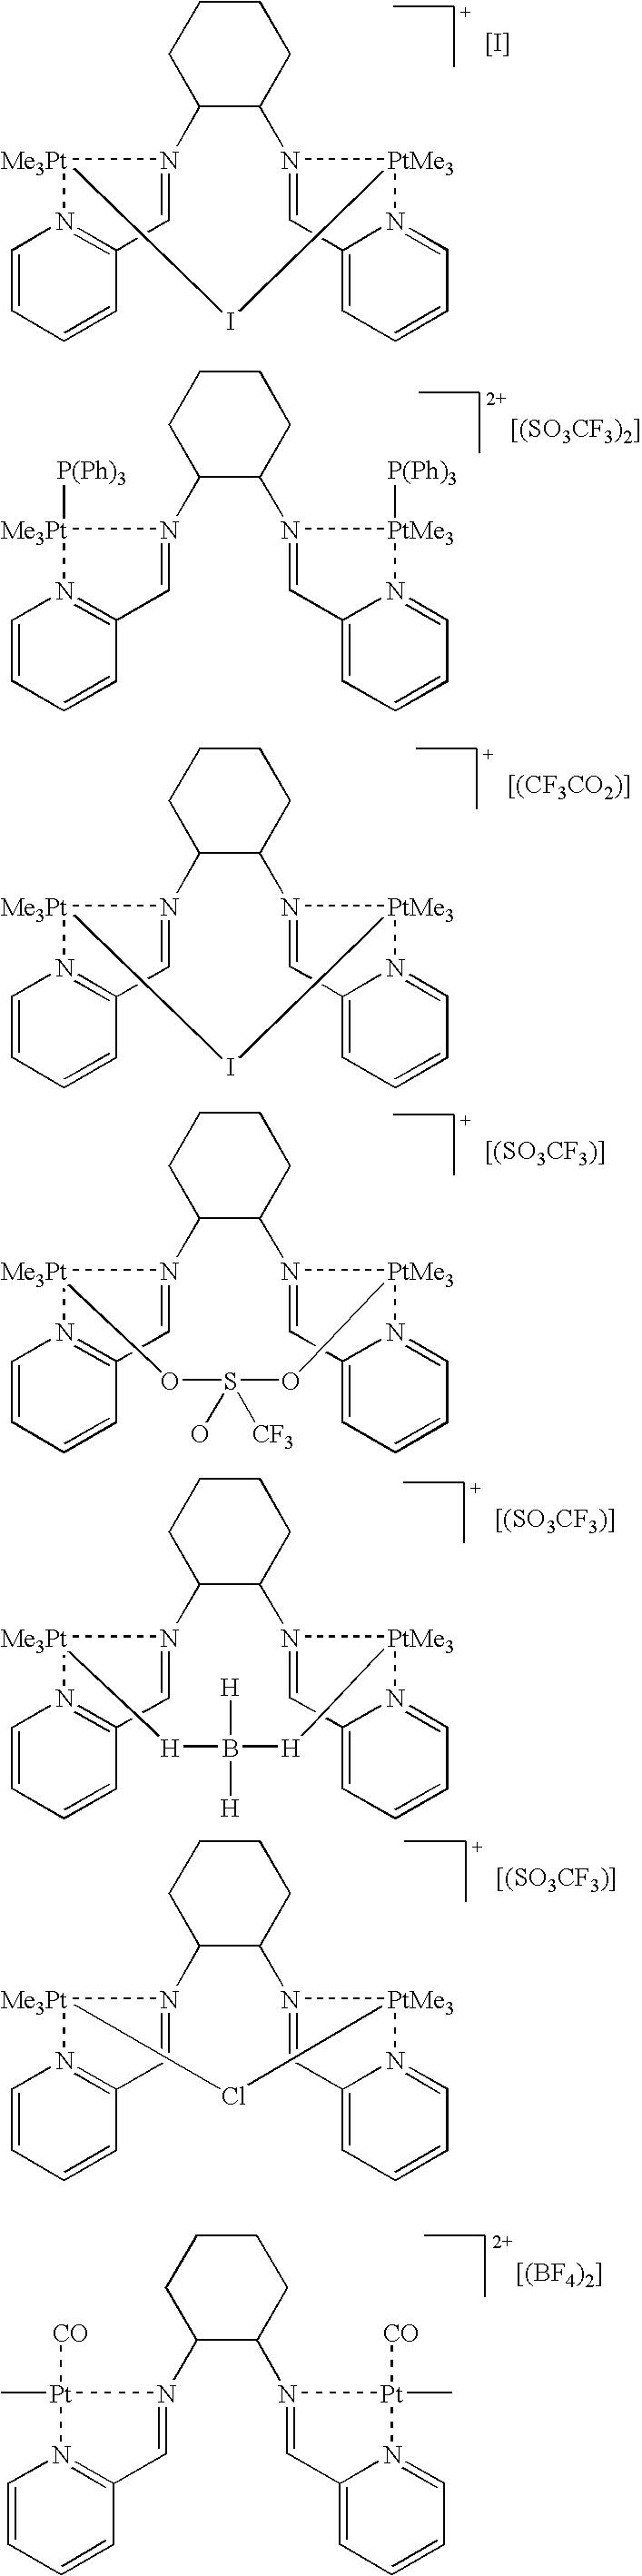 Figure US20060135352A1-20060622-C00025